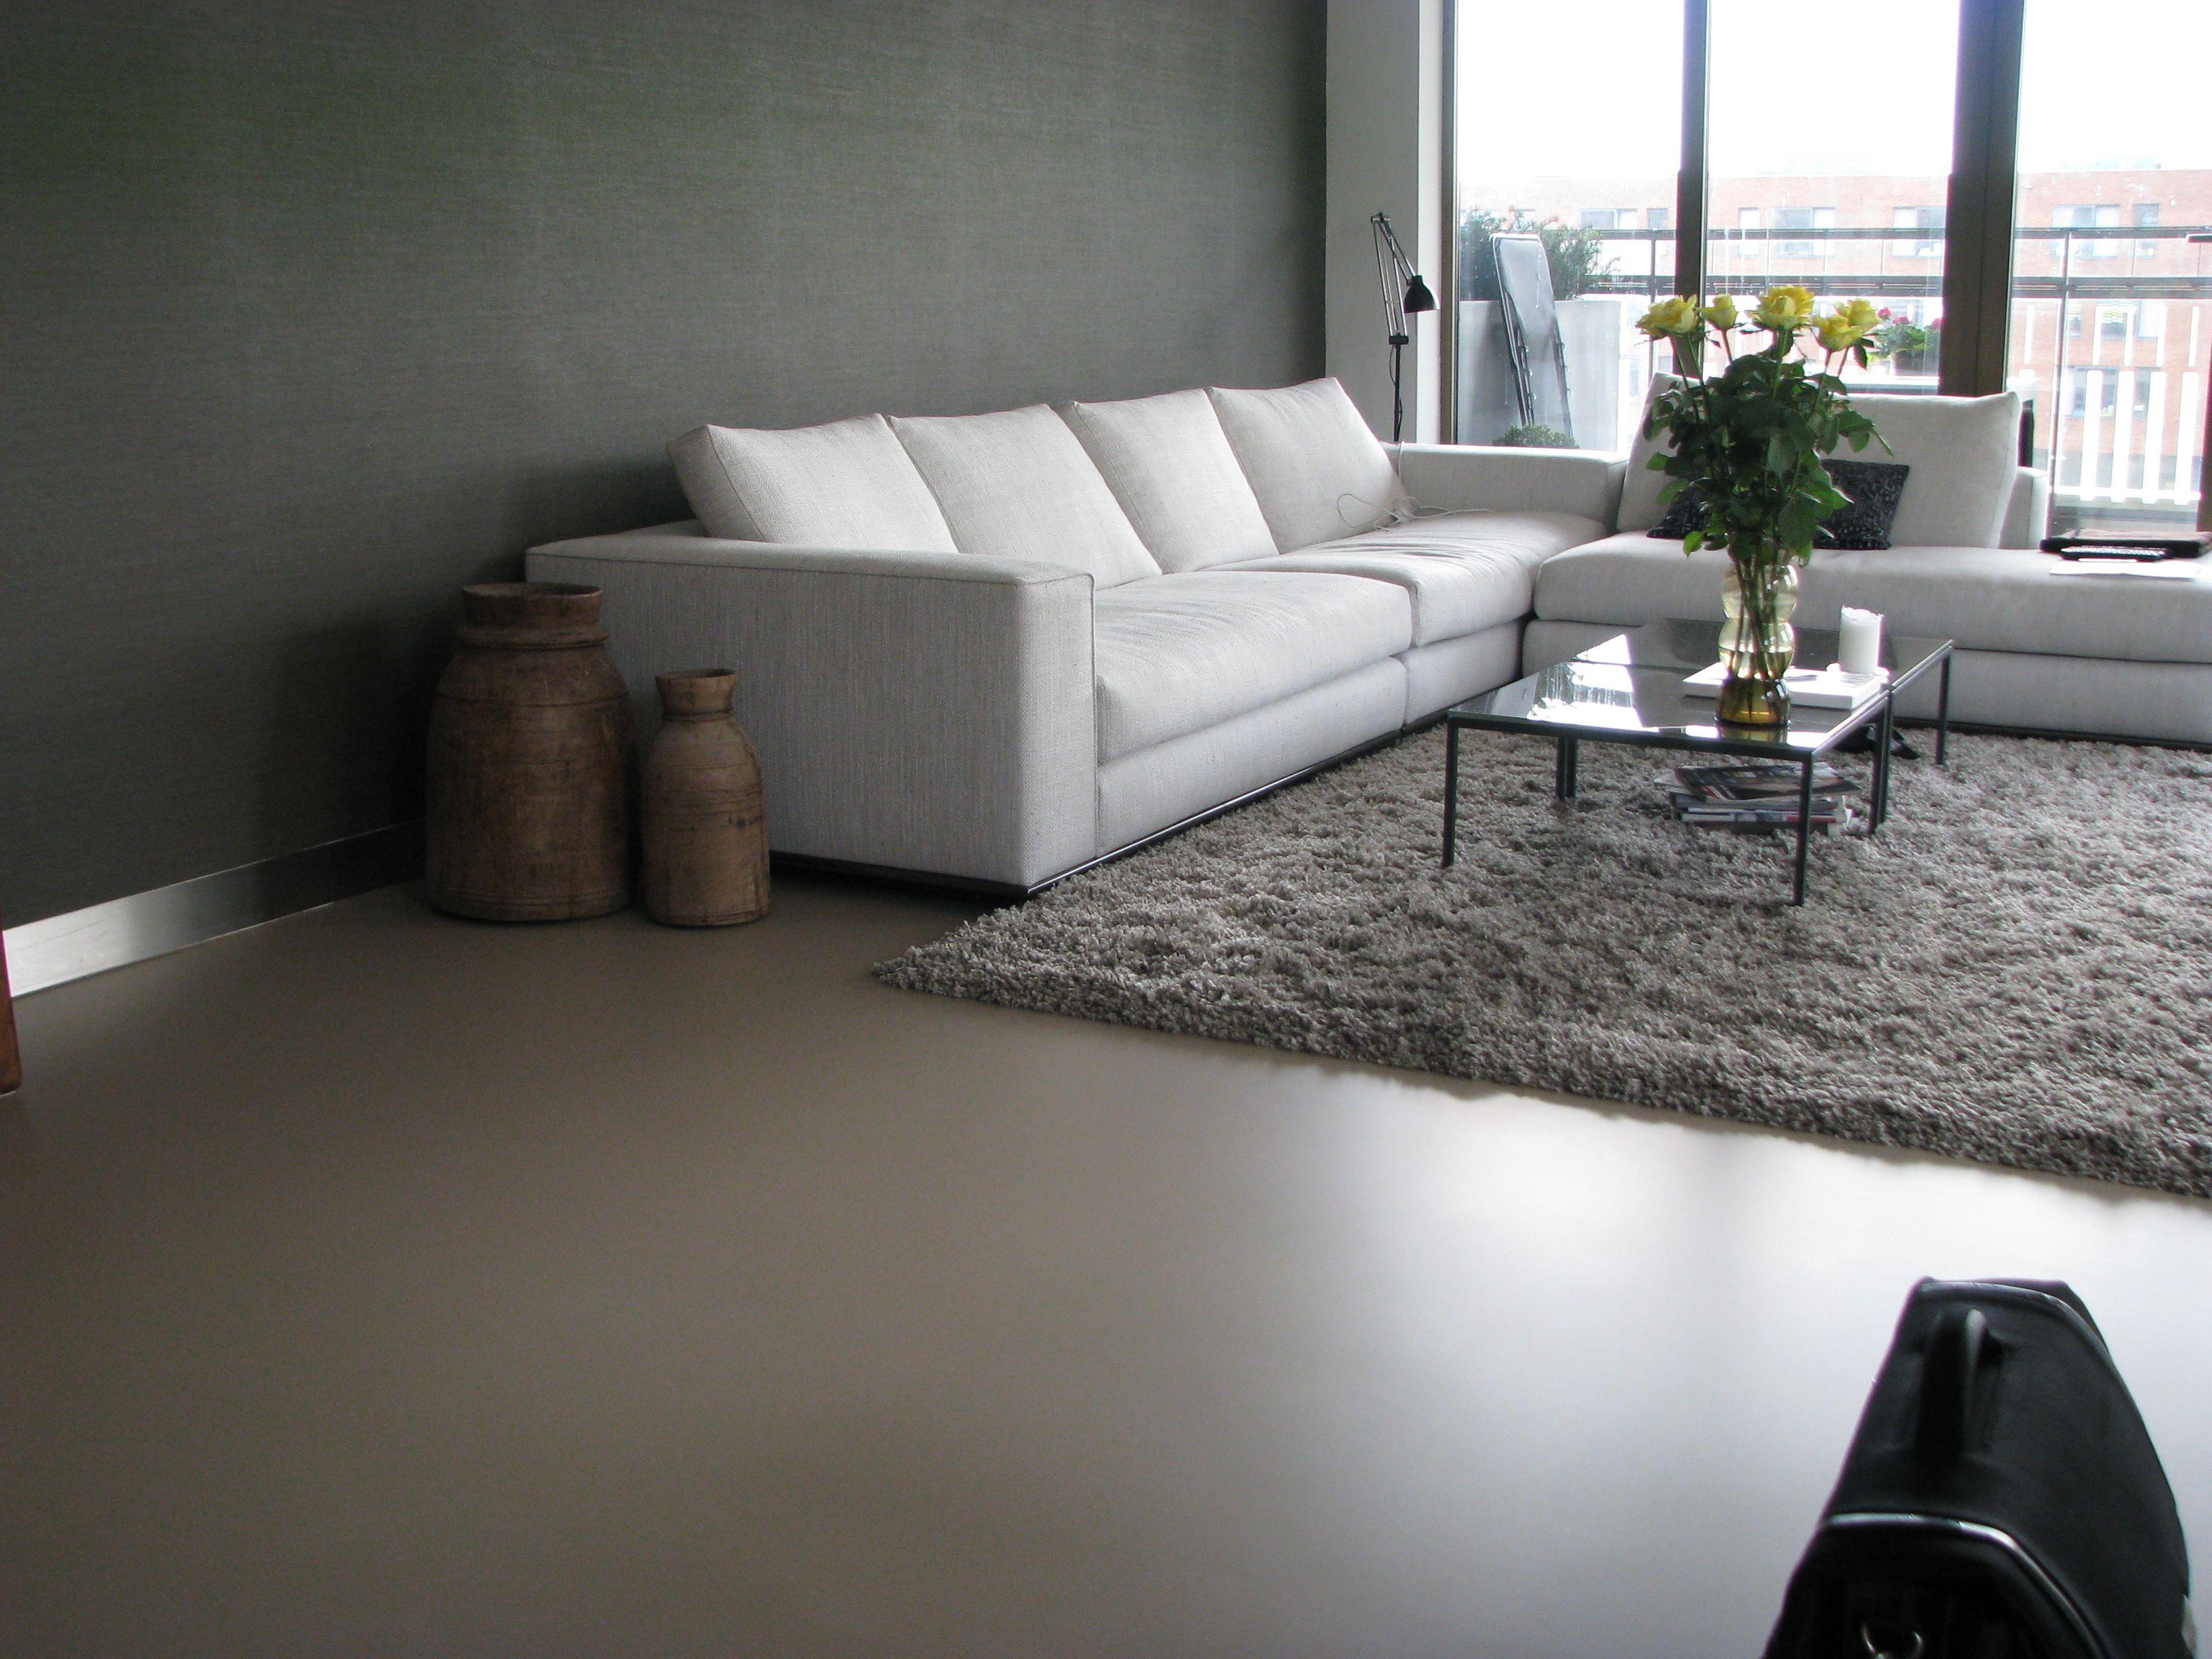 Exclusieve Gietvloer Woonkamer : Motion gietvloer met karpet. betonlook gietvloeren met een scherpe